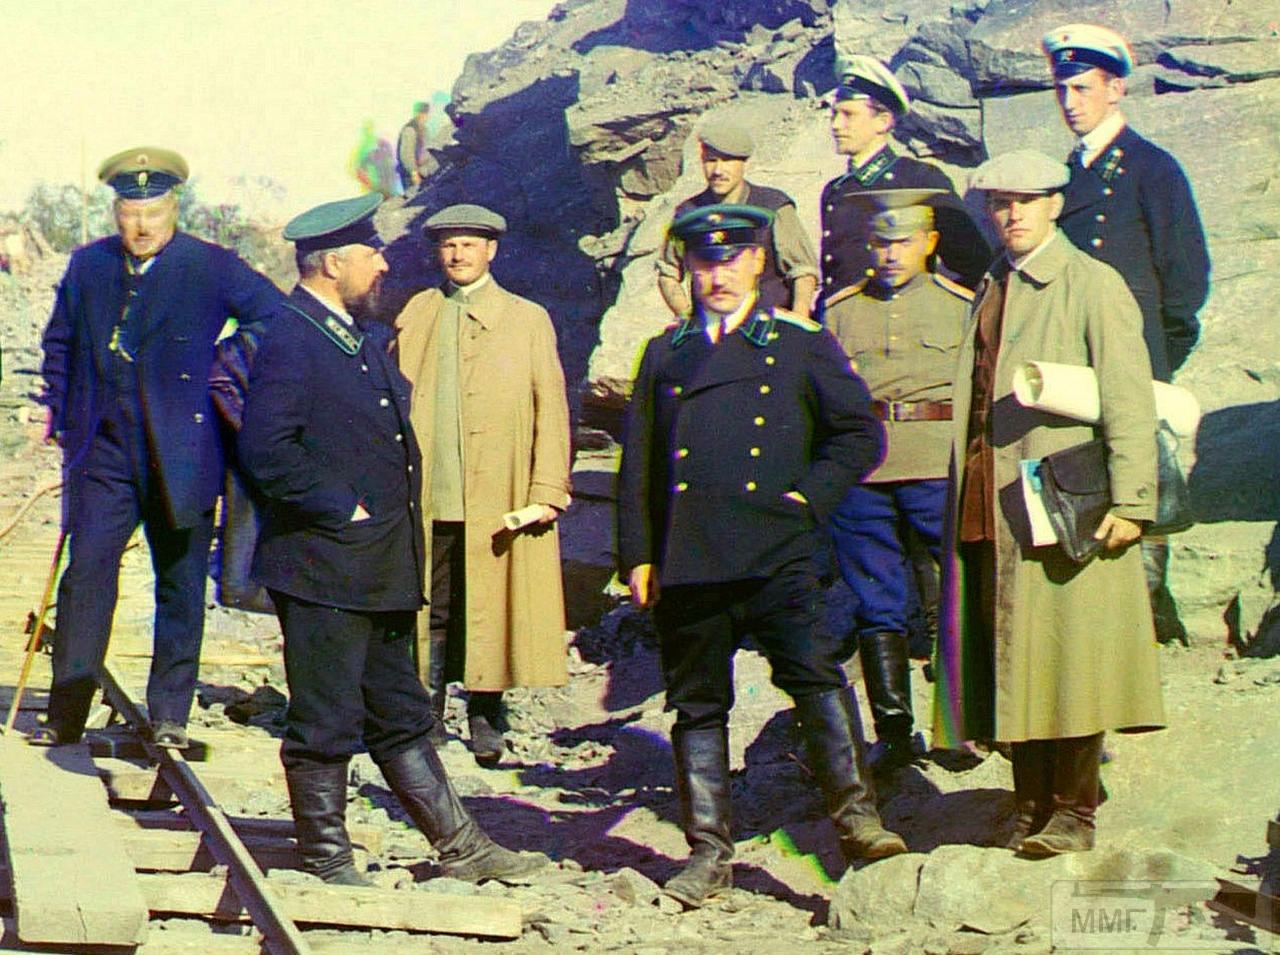 71656 - Группа гражданских инженеров, представителей МПС и военного ведомства на узкоколейке, ведущей к Кемь-пристани. На заднем плане немецкий военнопленный.